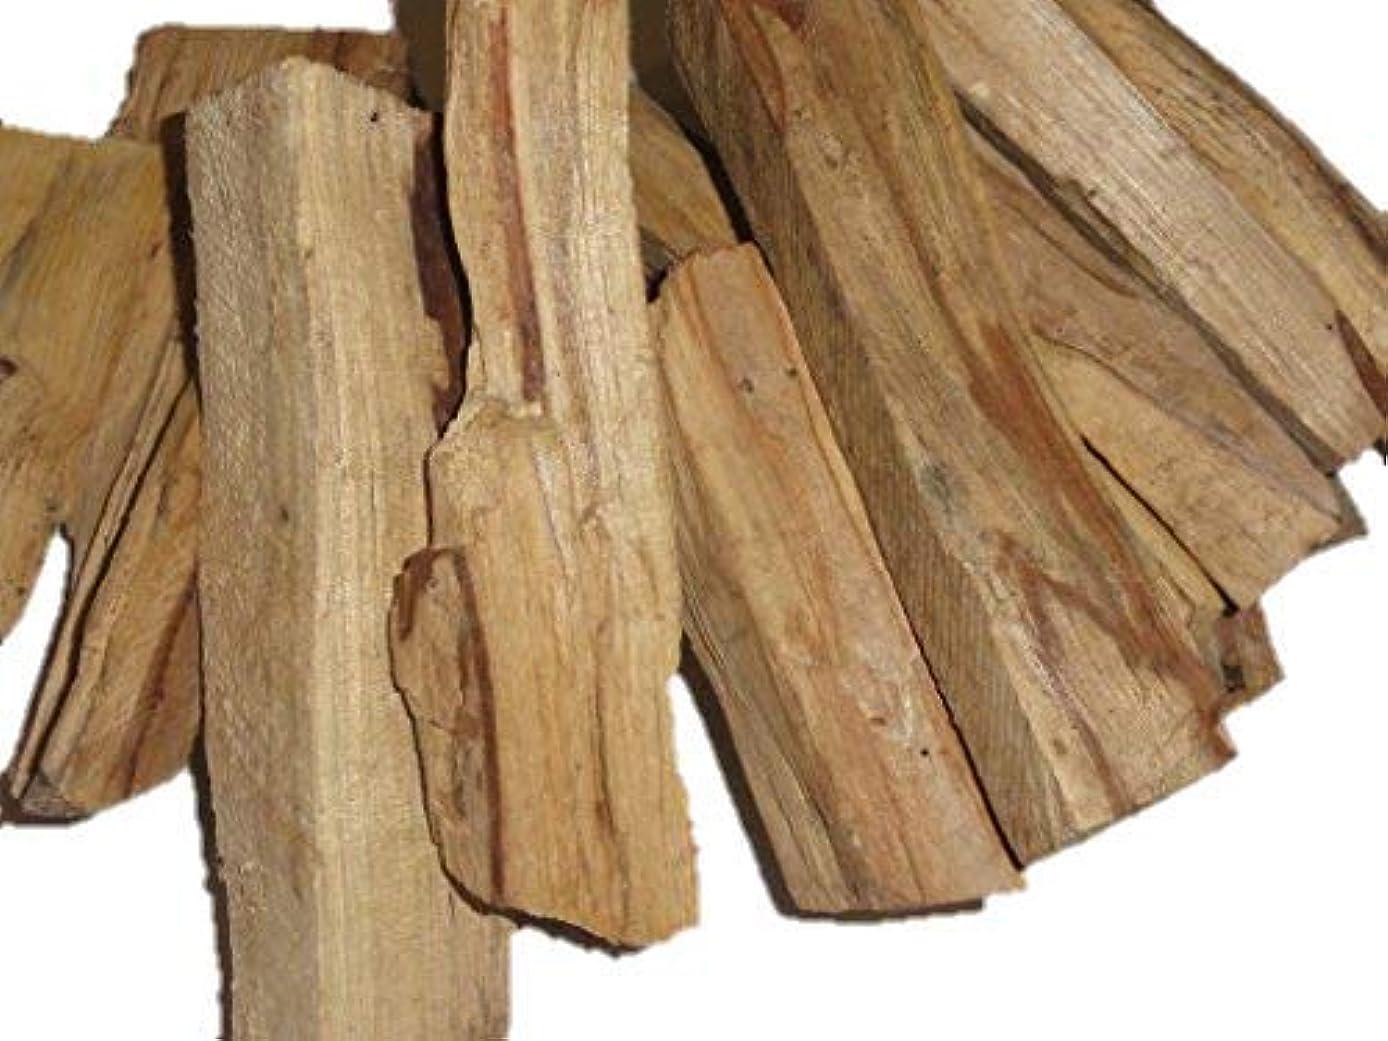 美徳意志予備sterlingclad Palo Santo 2ポンドバルクパッケージ、最もプレミアム倫理的harvestedペルーHoly木製。 2 pounds ブラウン